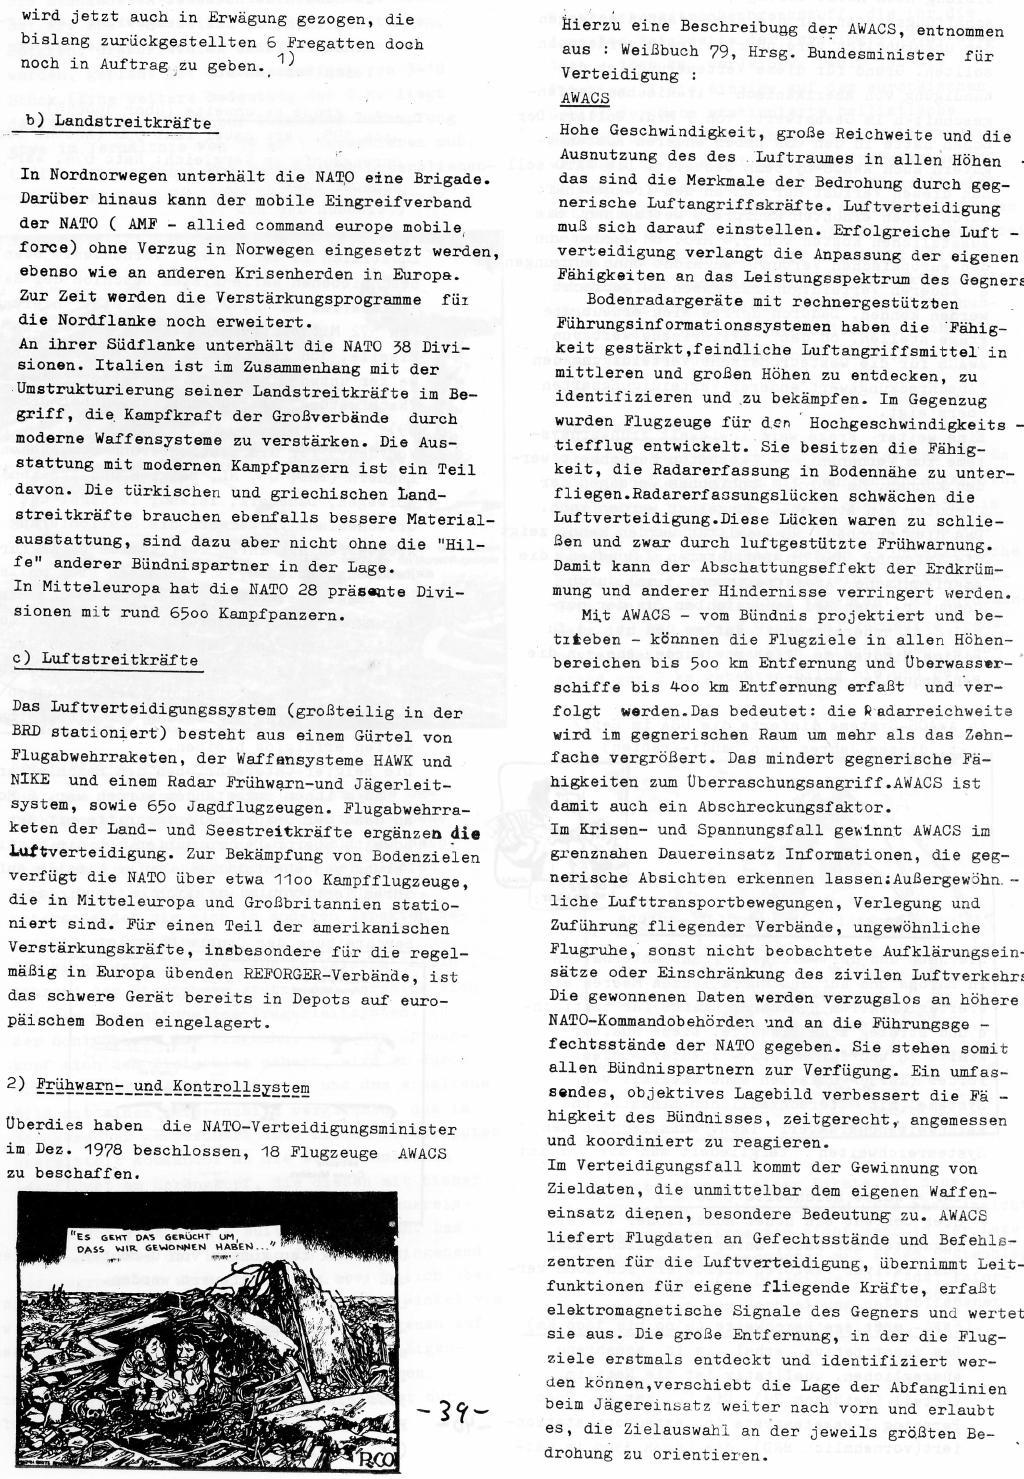 Bremen_1980_NATO_Broschuere_39